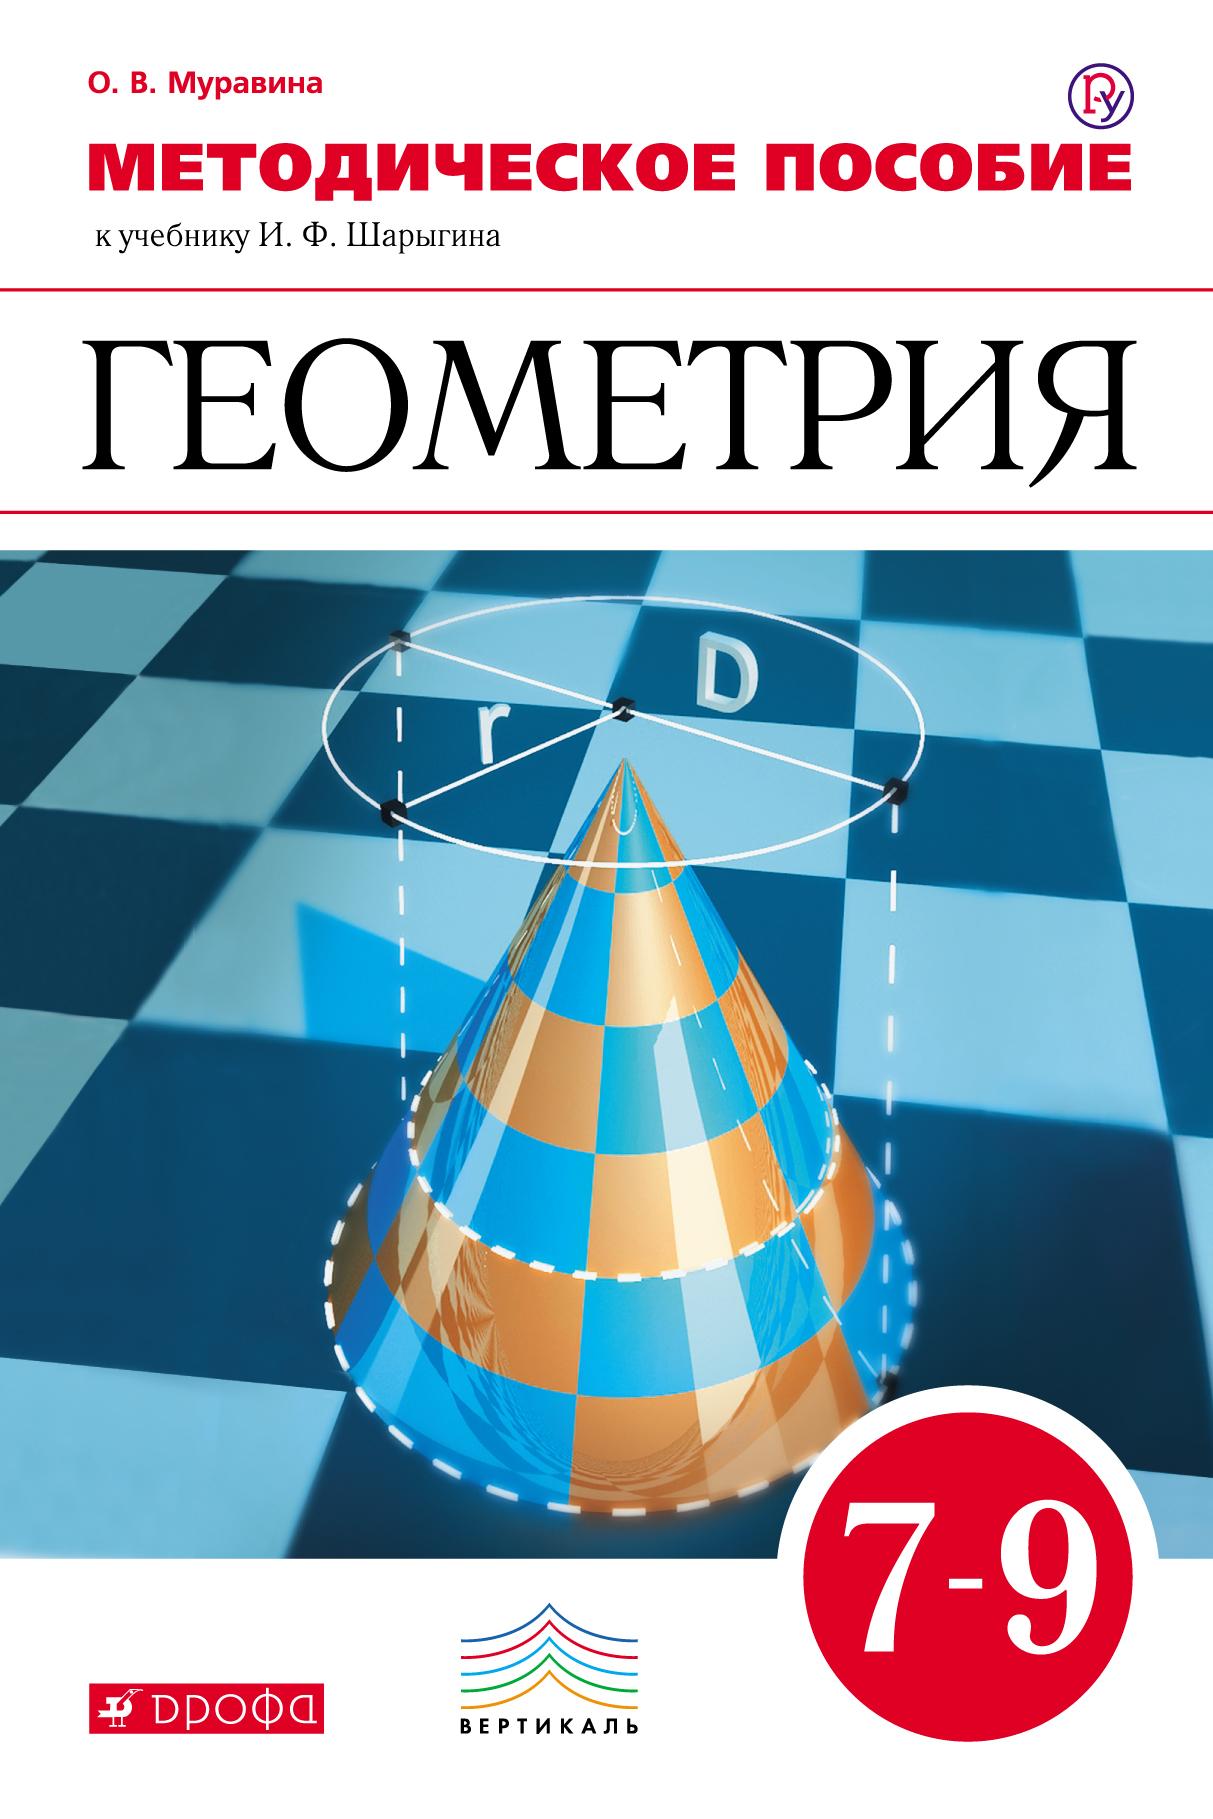 О. В. Муравина Методическое пособие к учебнику И. Ф. Шарыгина «Геометрия. 7–9 класс» алгебра 7 9 классы